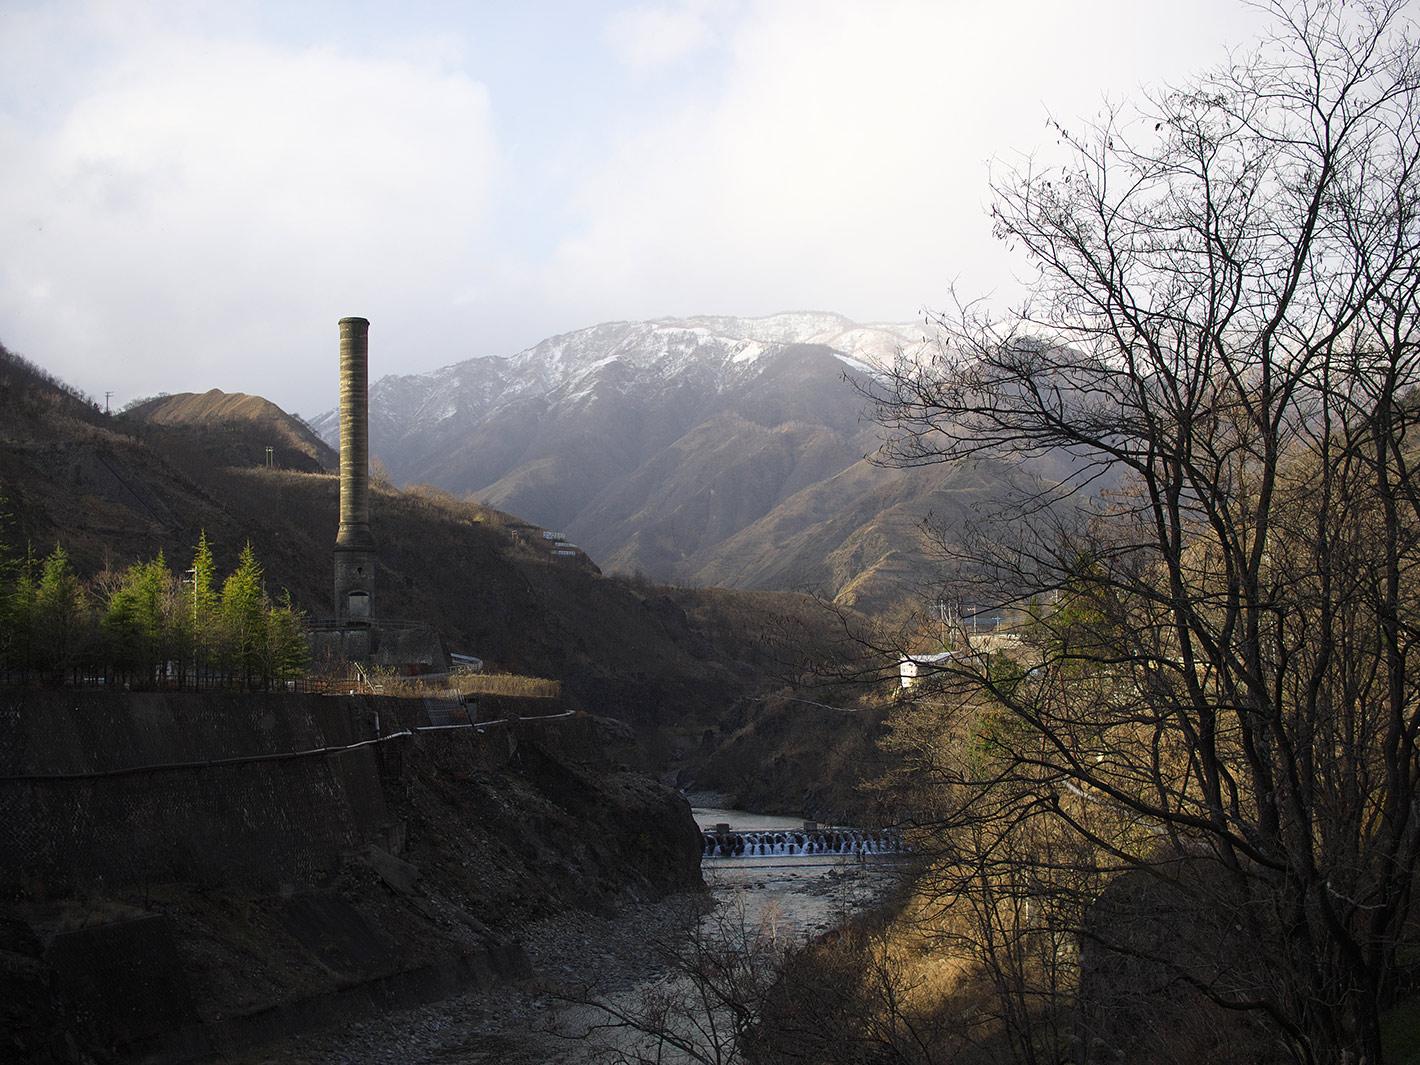 煙突のある風景_f0121181_1372198.jpg